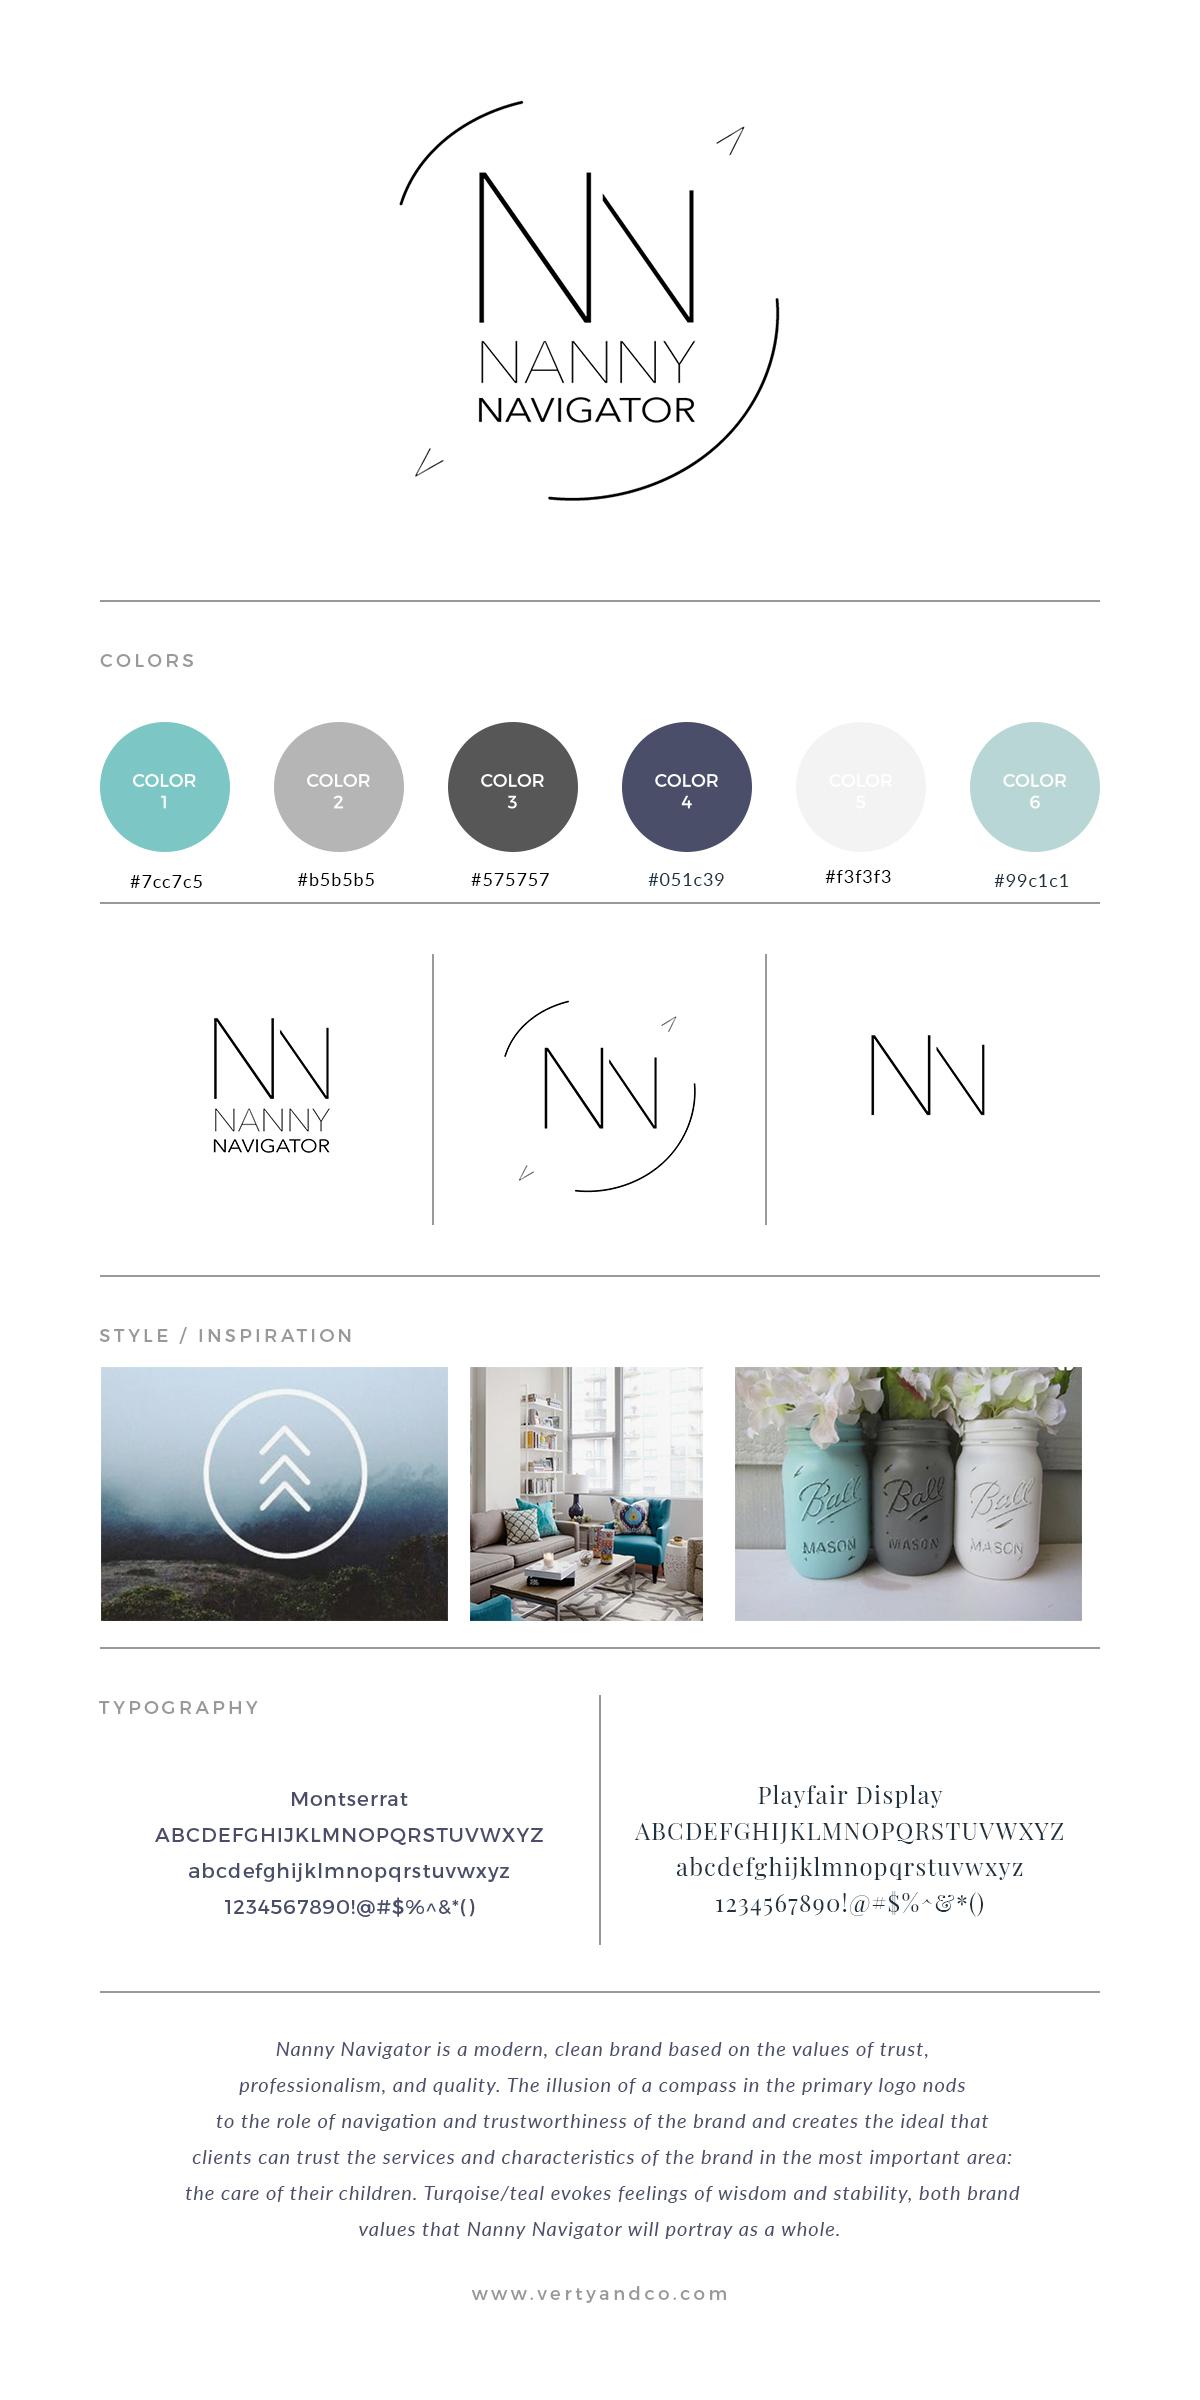 Nanny Navigator Brand Board